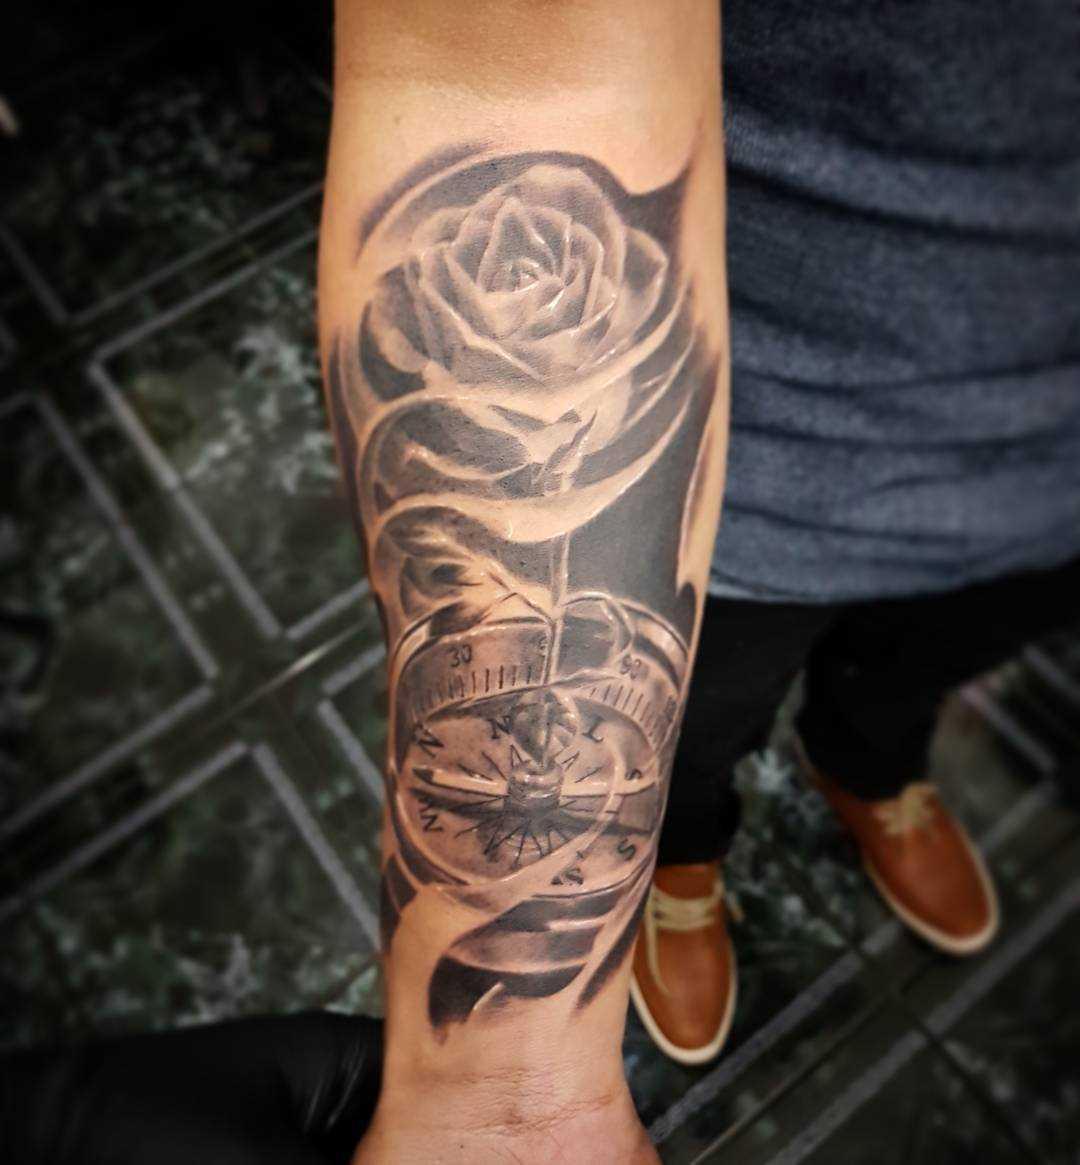 Tatuagem de uma bússola, com uma rosa no antebraço cara